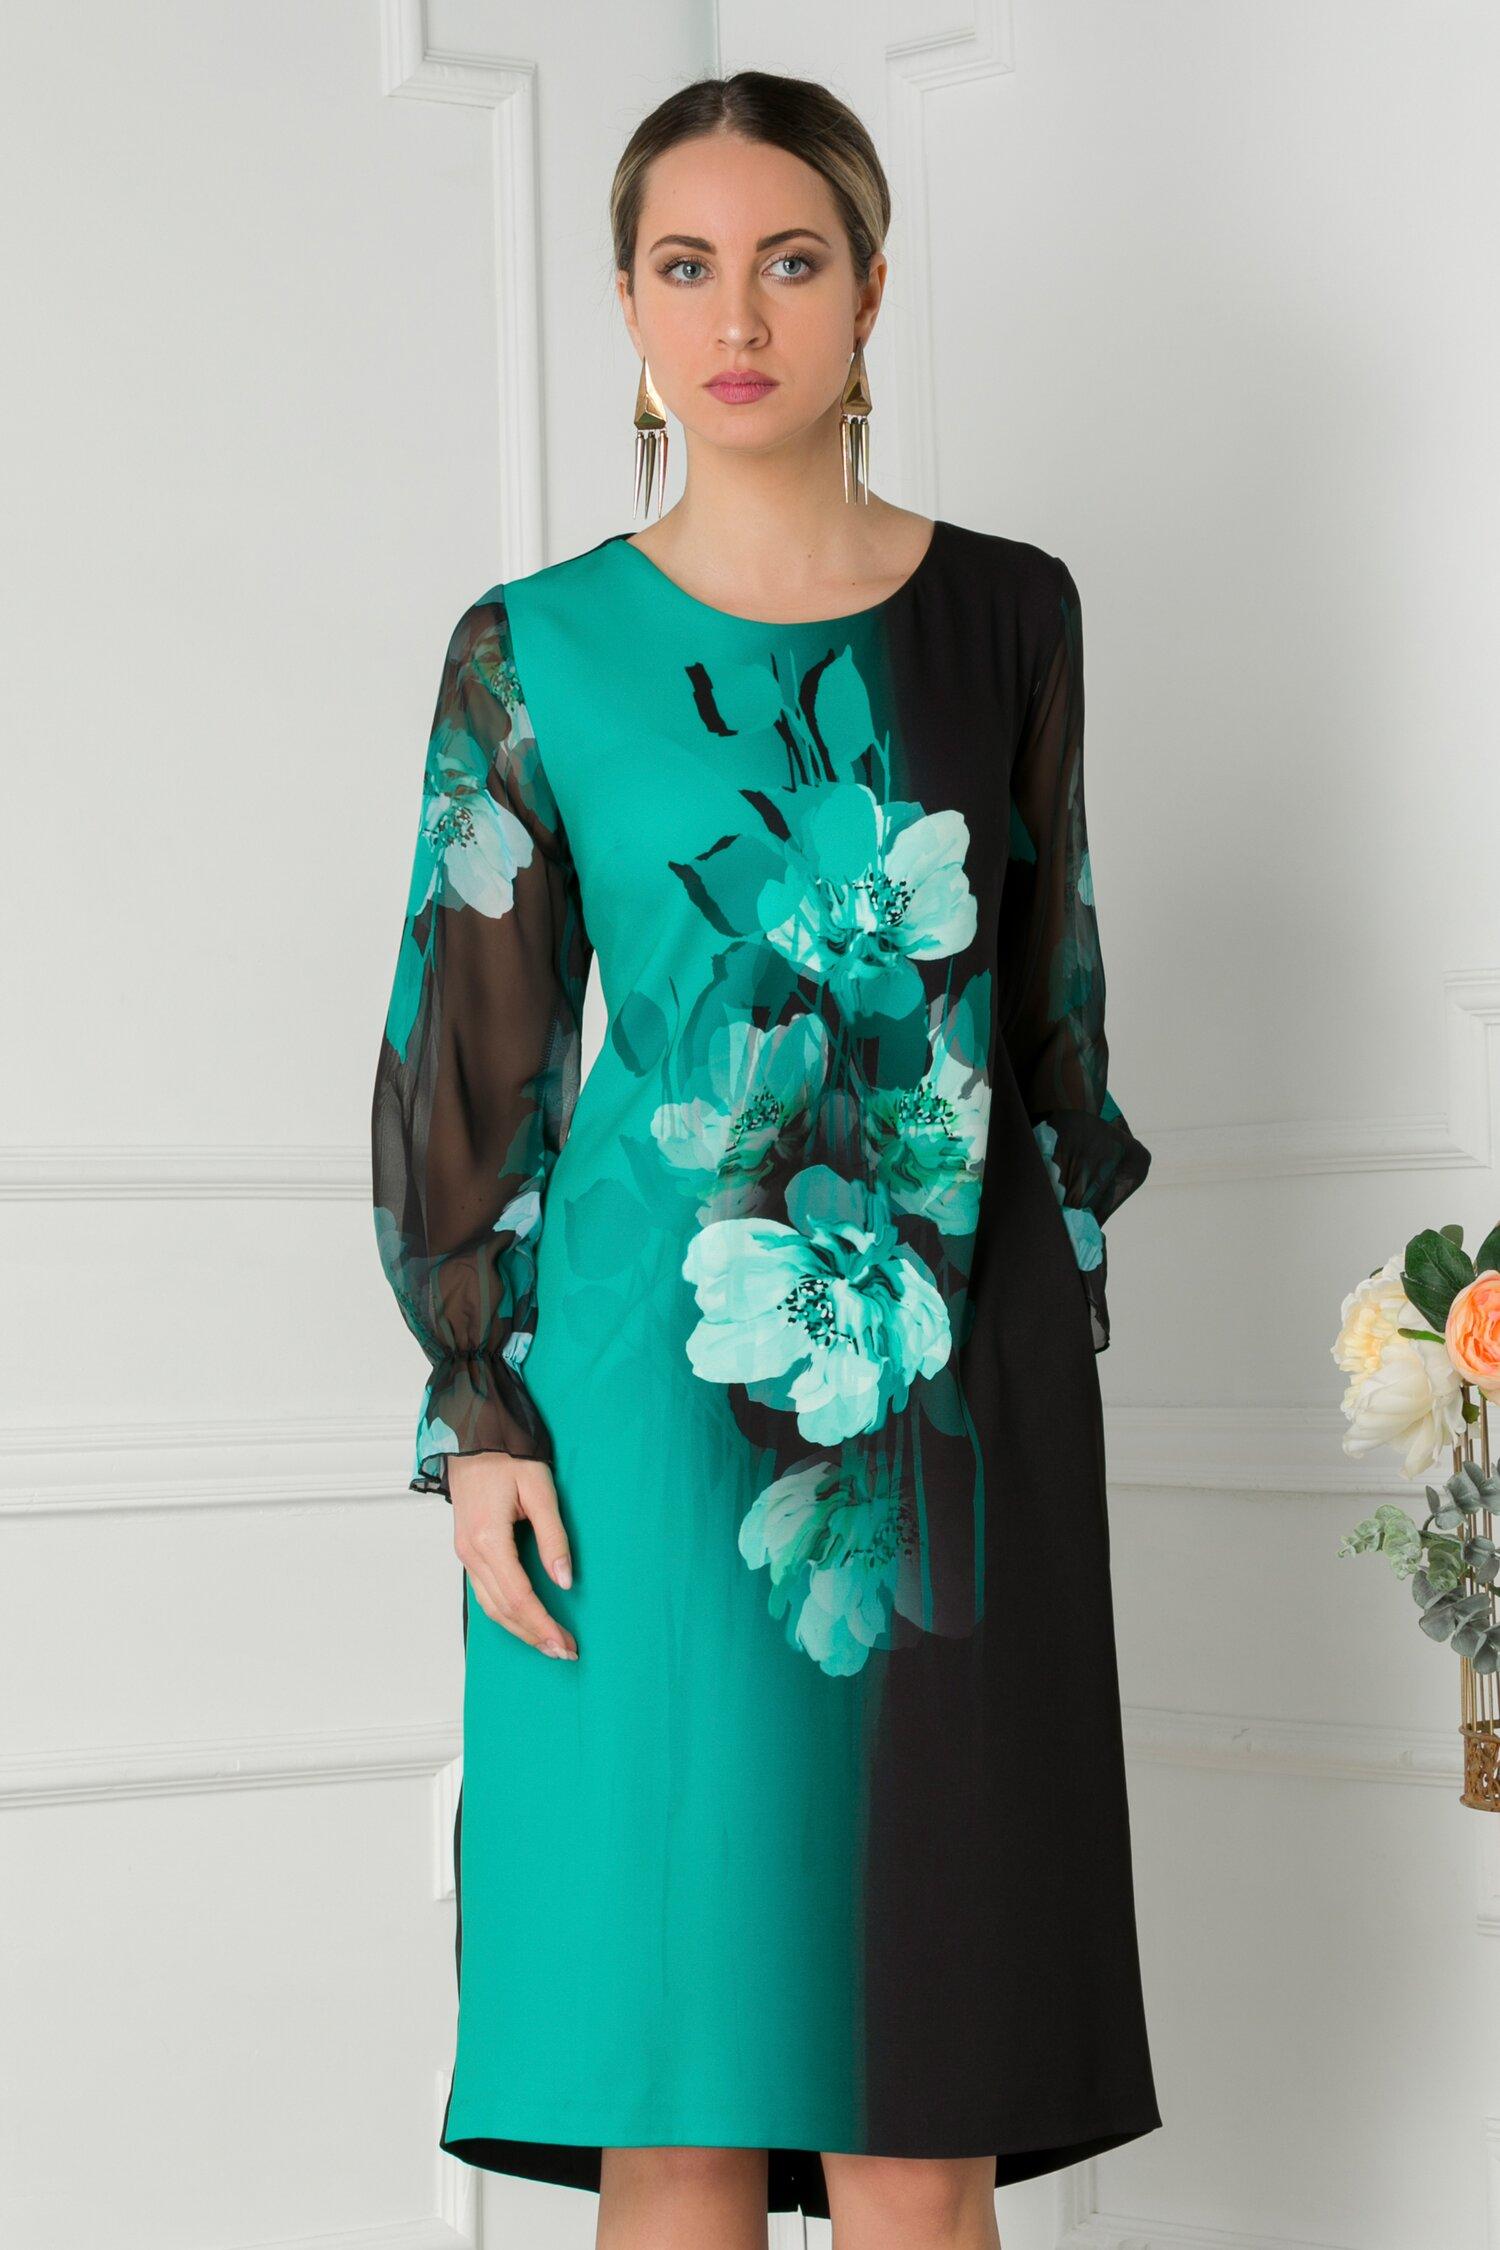 Rochie Clara neagra cu imprimeu floral turcoaz si maneci din voal